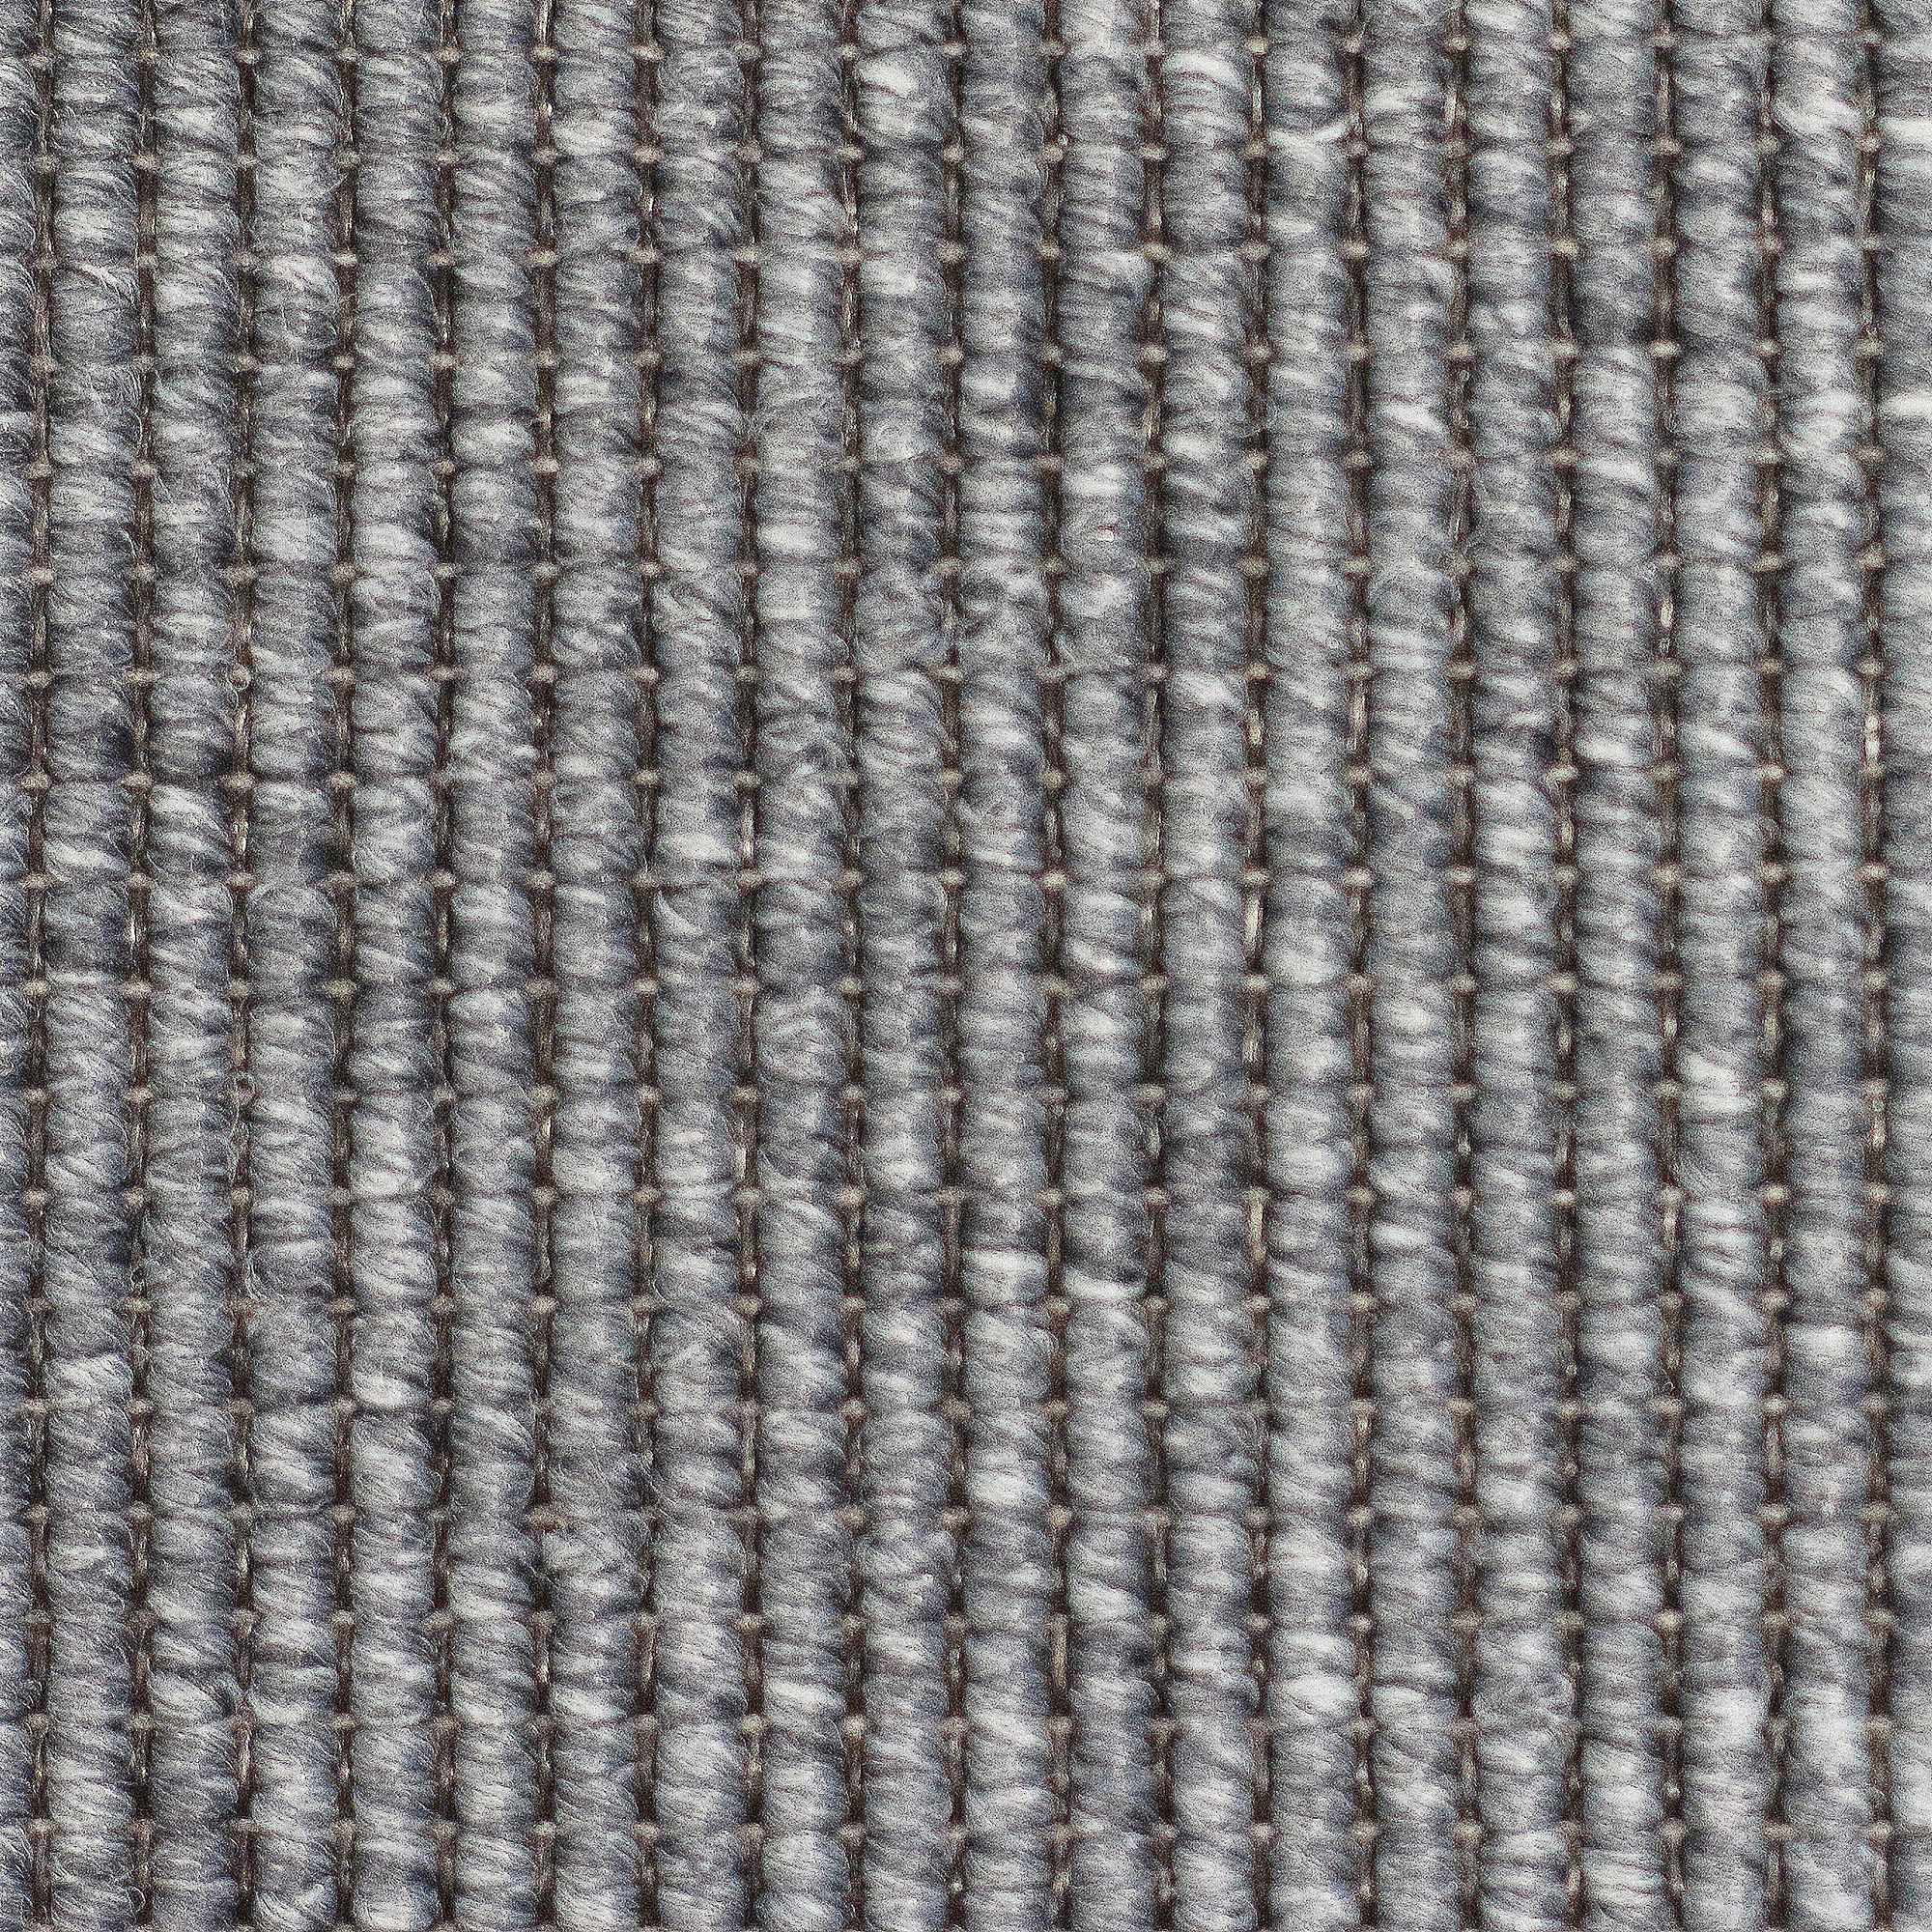 Innenfarben für haus strapazierfähige teppichvarianten in unterschiedlichsten farben der